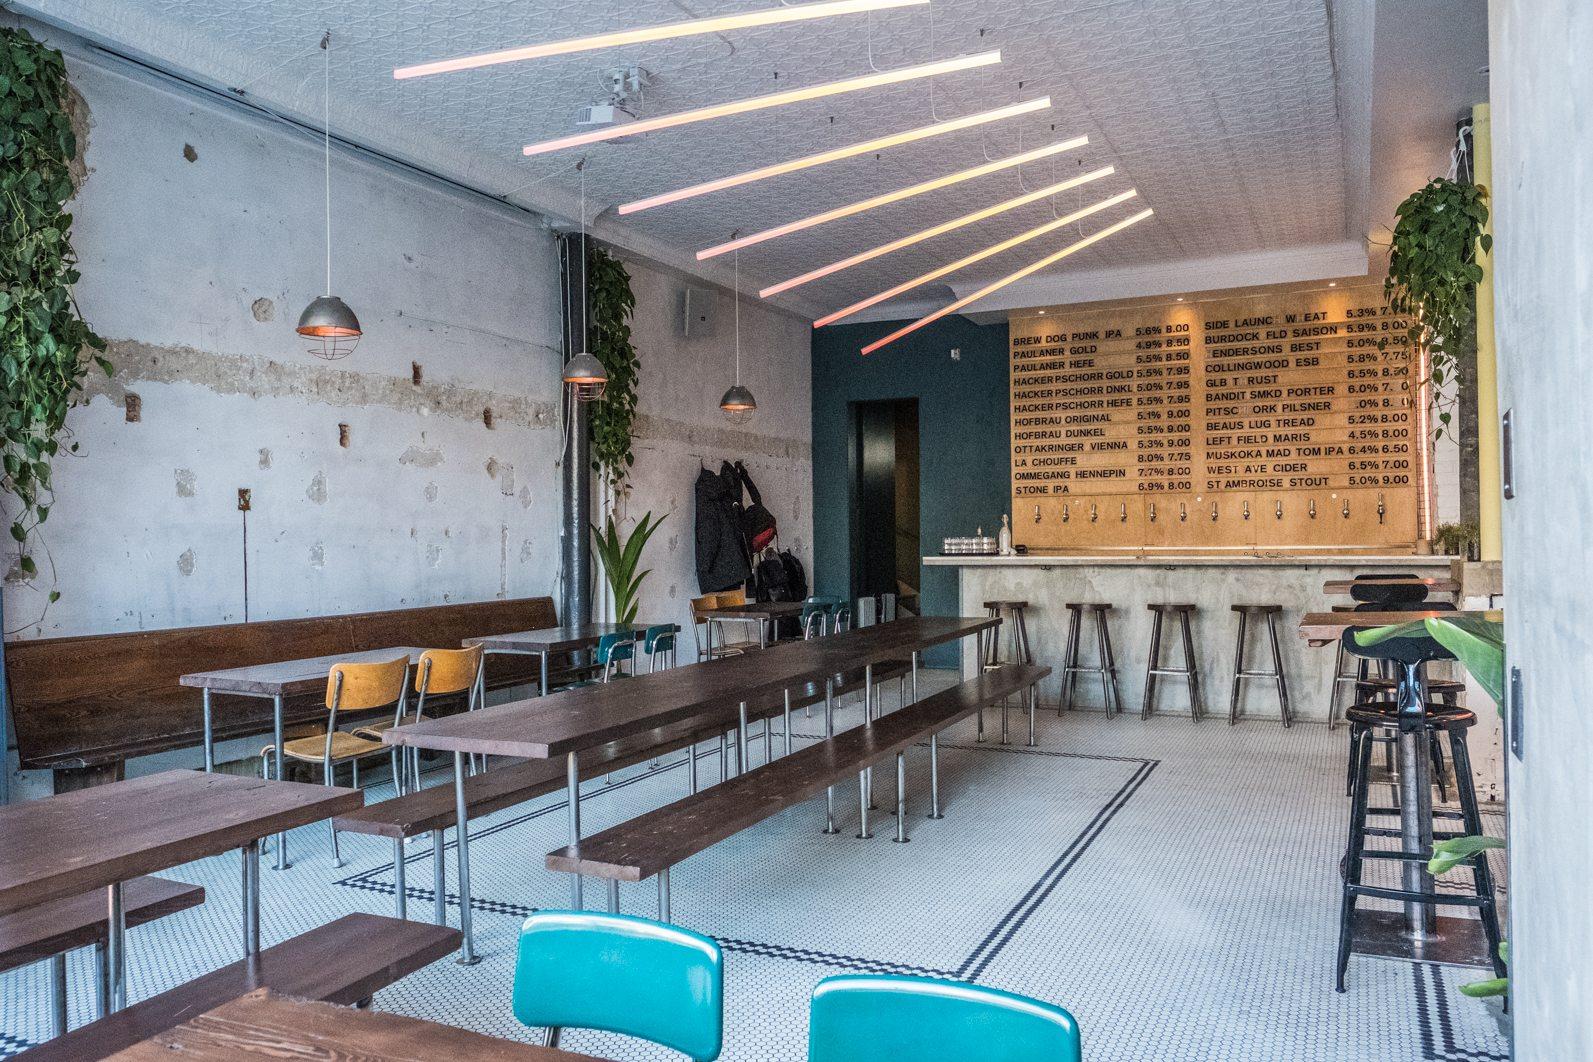 toronto-restaurants-bars-ottos-bierhalle-german-beer-queen-west-interior-1